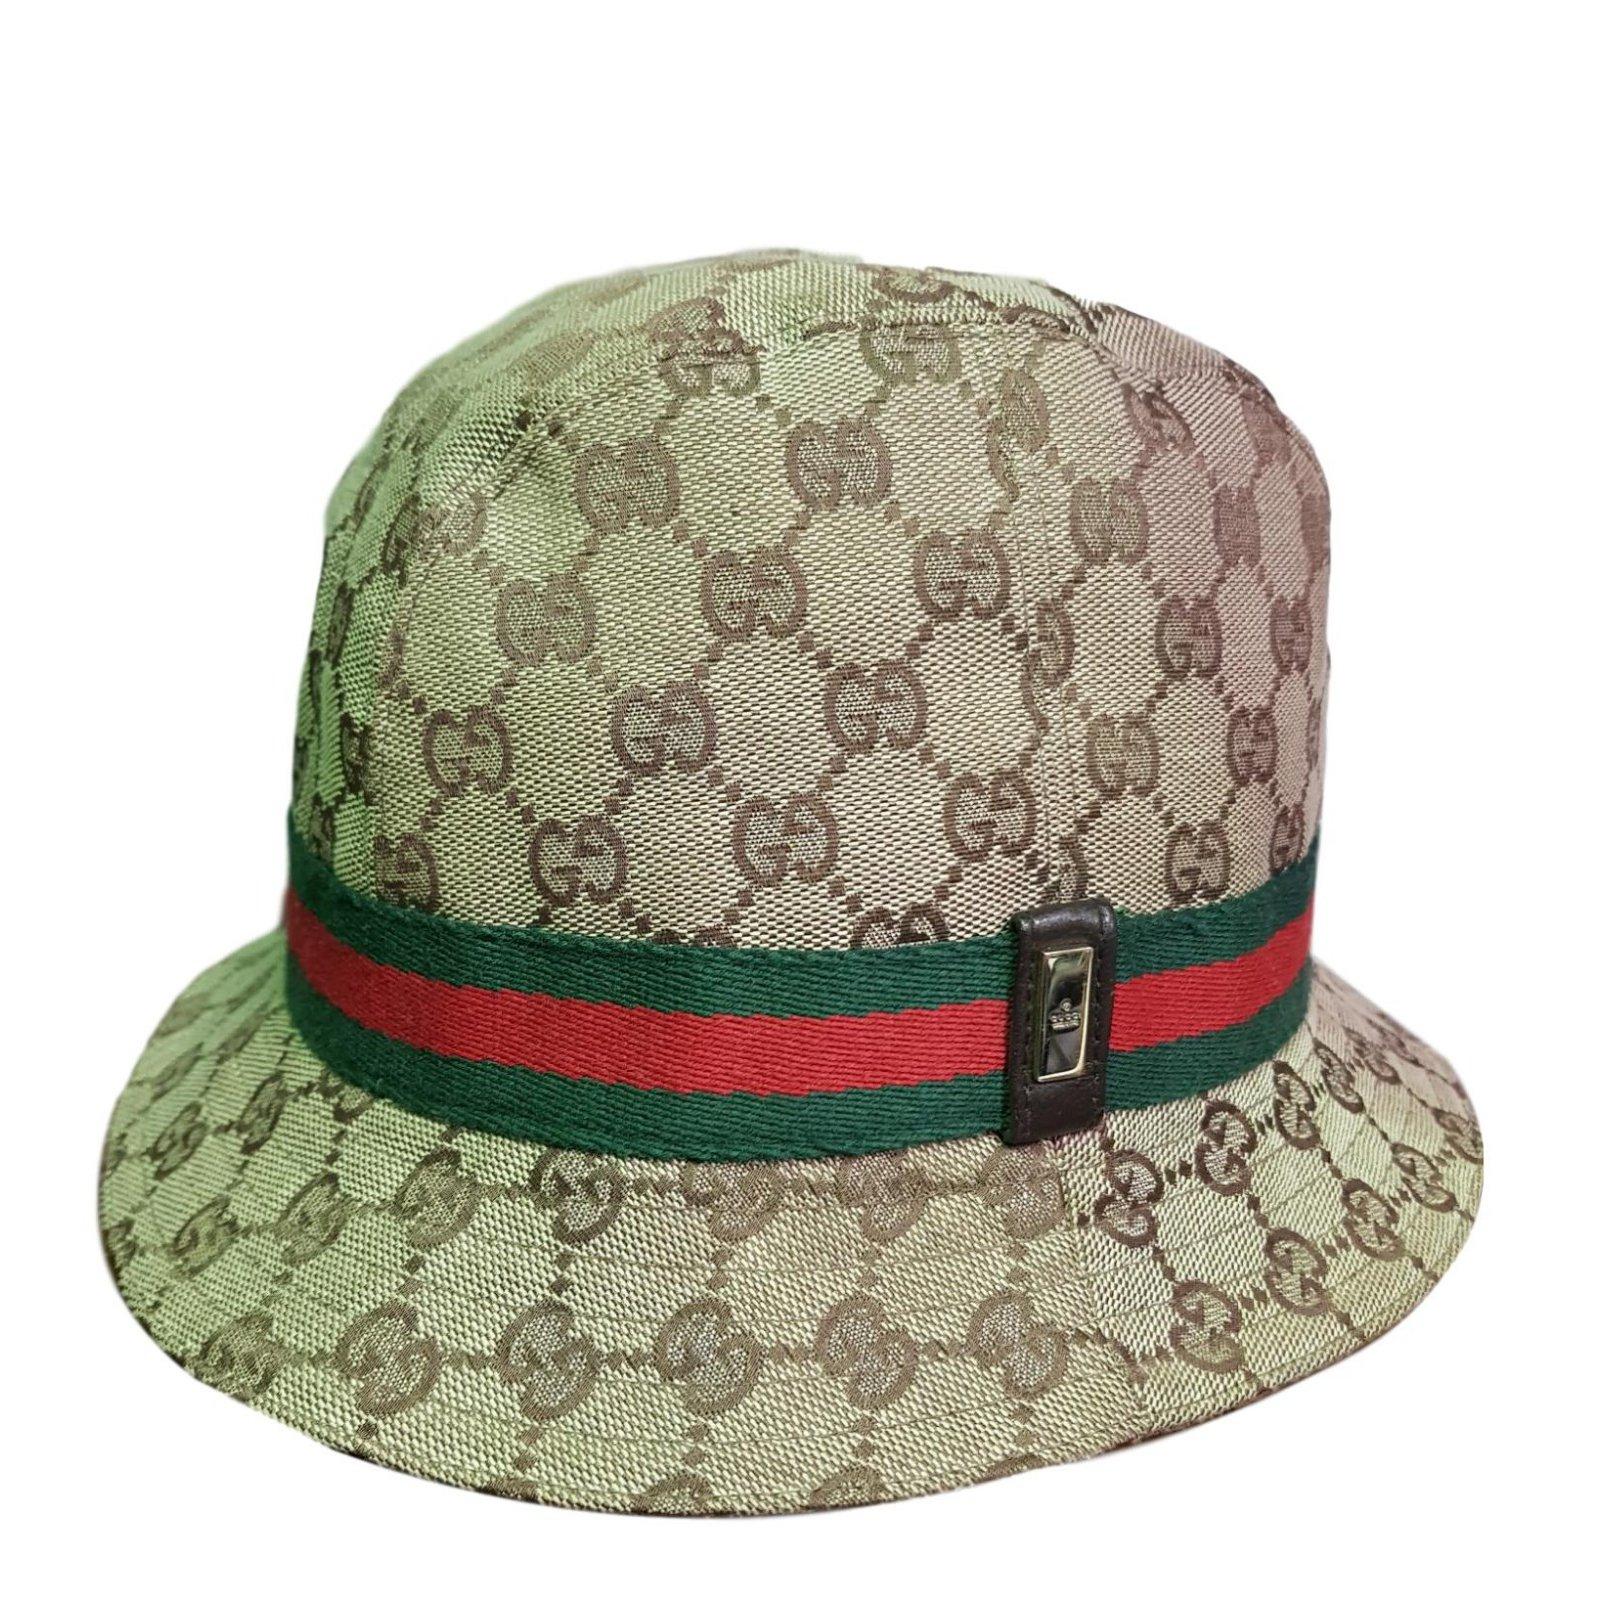 bddd99f5a40 Gucci BOB Hats Cloth Beige ref.85120 - Joli Closet